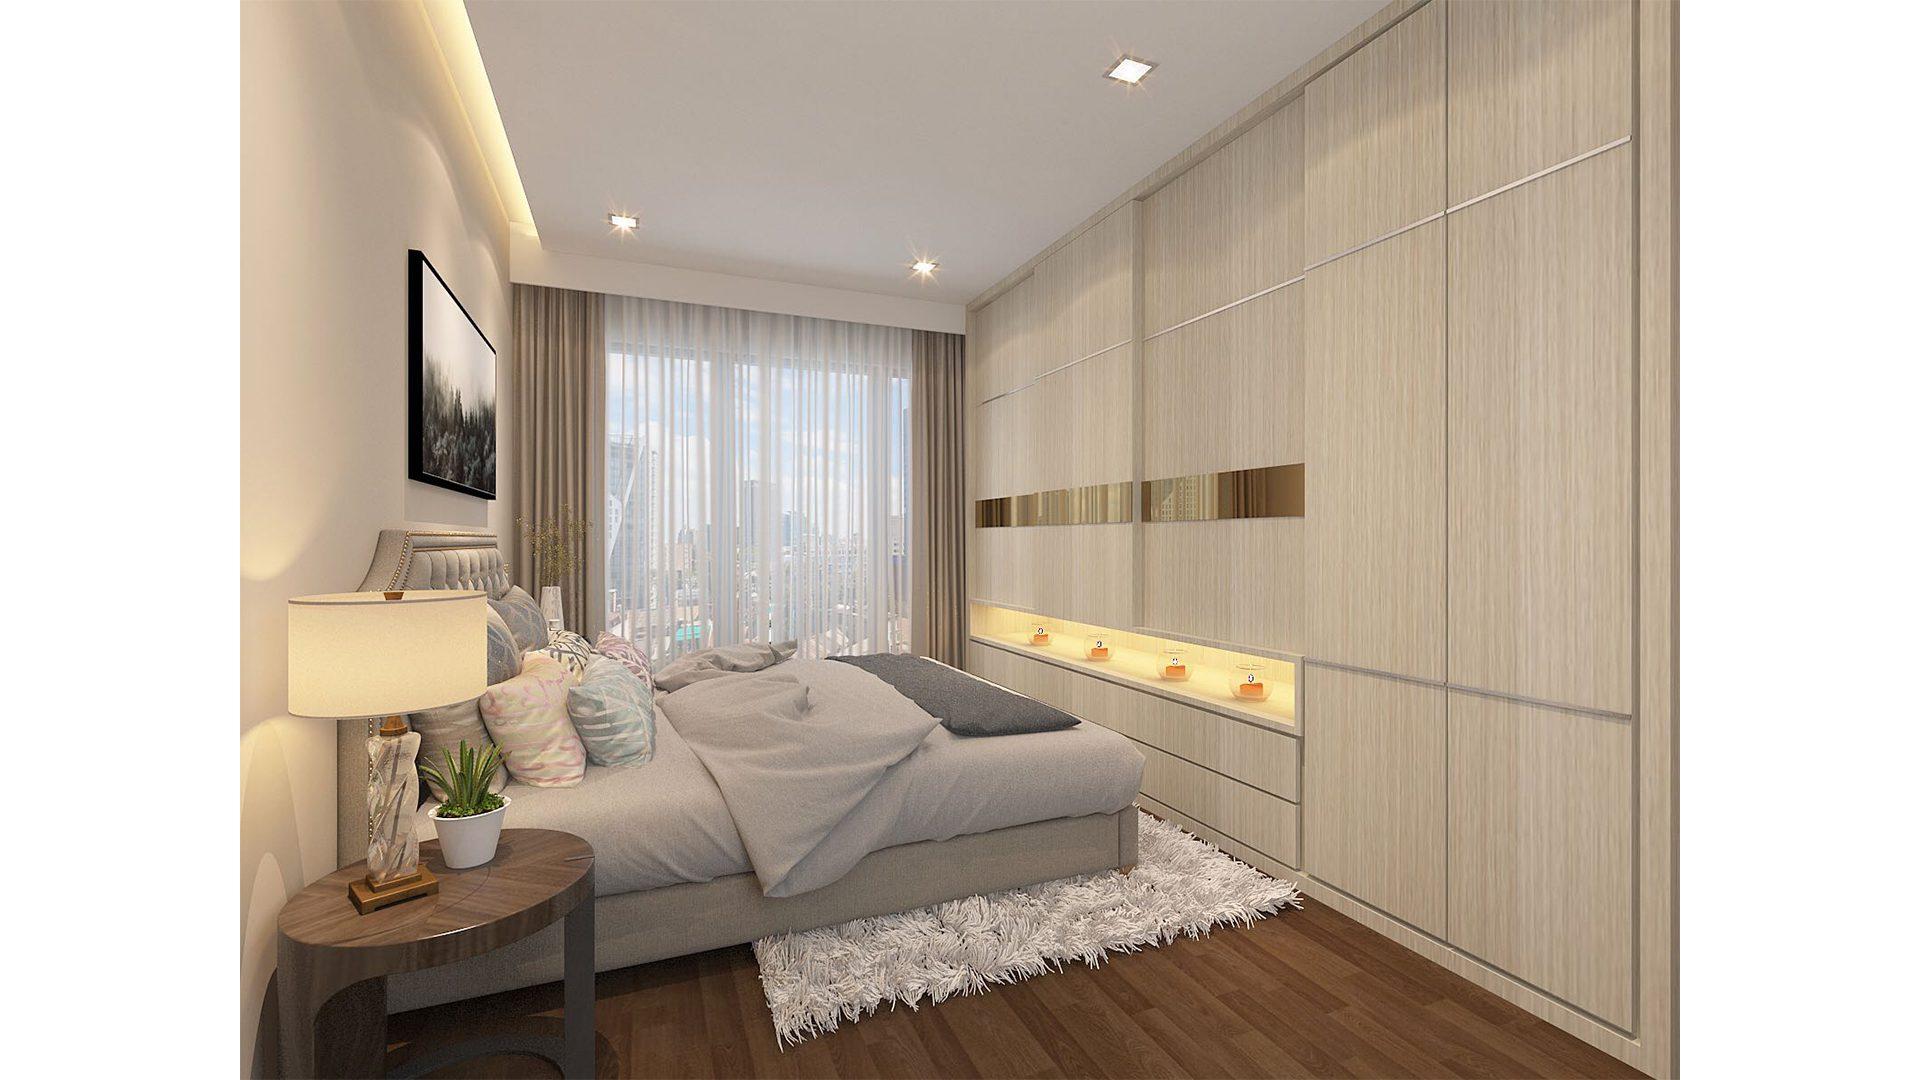 312B Clementi Ave 4_sample interior design(1920x1080)_Home Quarters SG_KC Ng Keng Chong-5